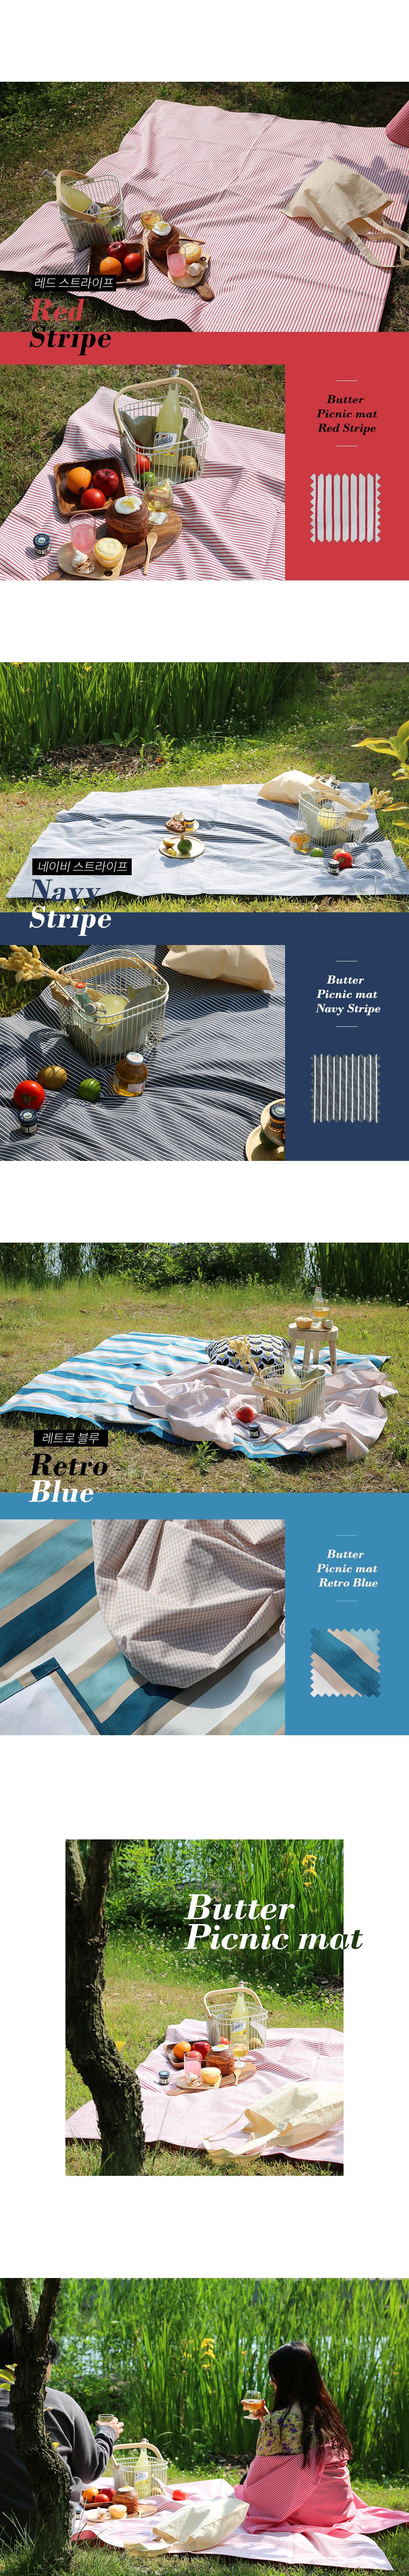 버터 방수 피크닉매트+에코백 (5color) - 윈도우드레스, 55,500원, 매트/돗자리, 매트/돗자리/베개